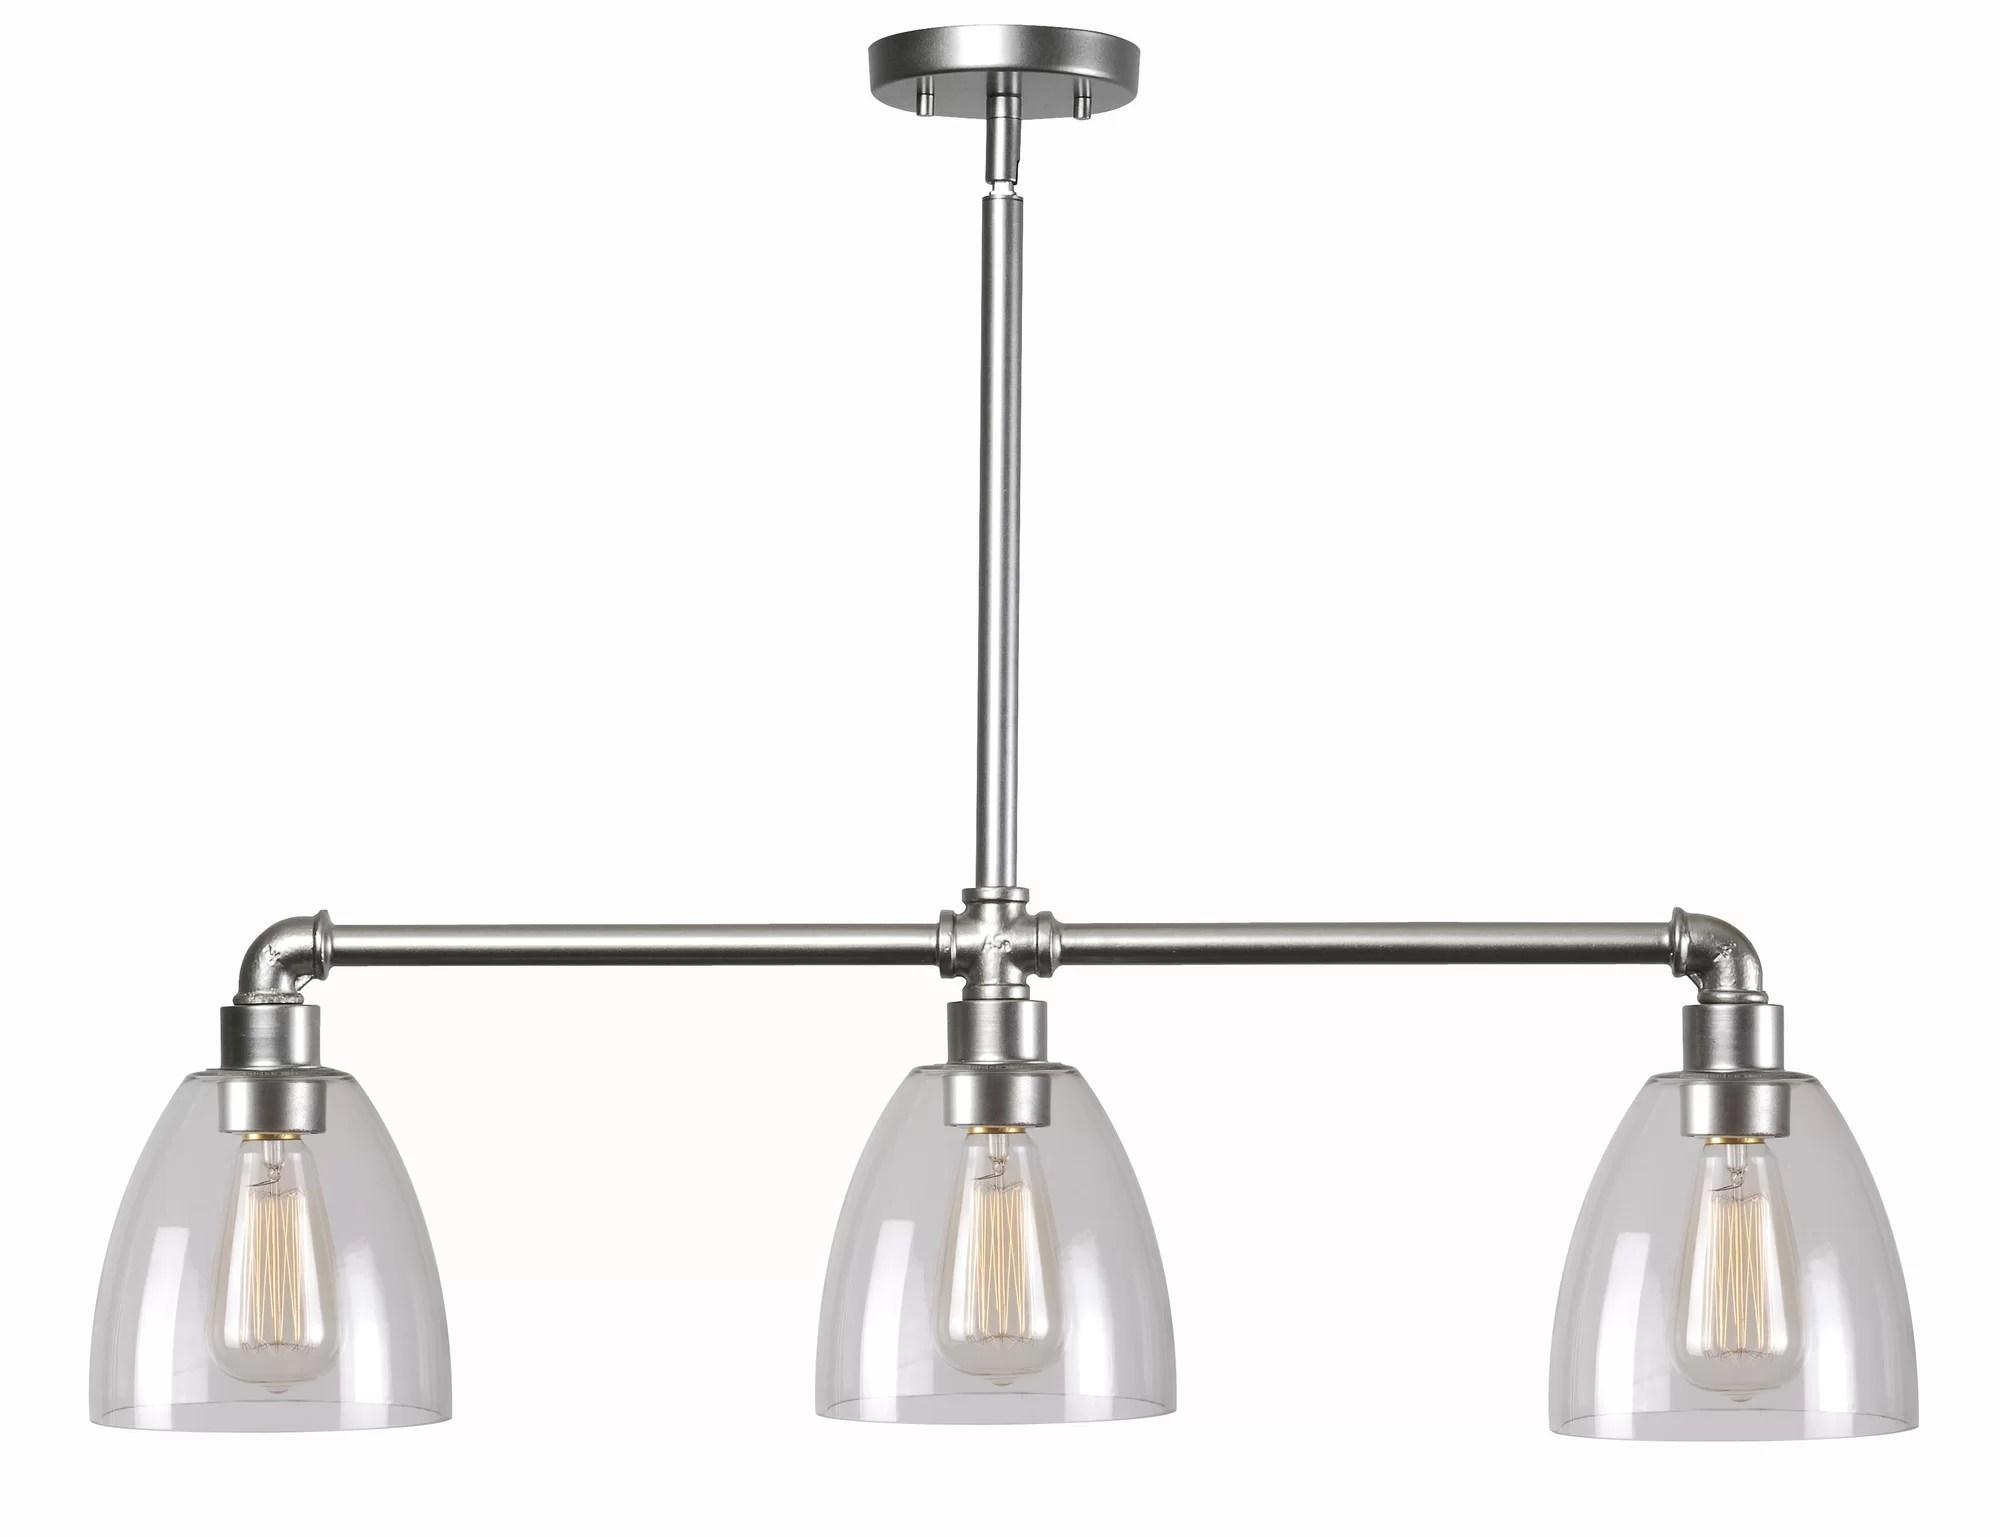 3 light kitchen island pendant danze faucet wildon home  industrial fitter